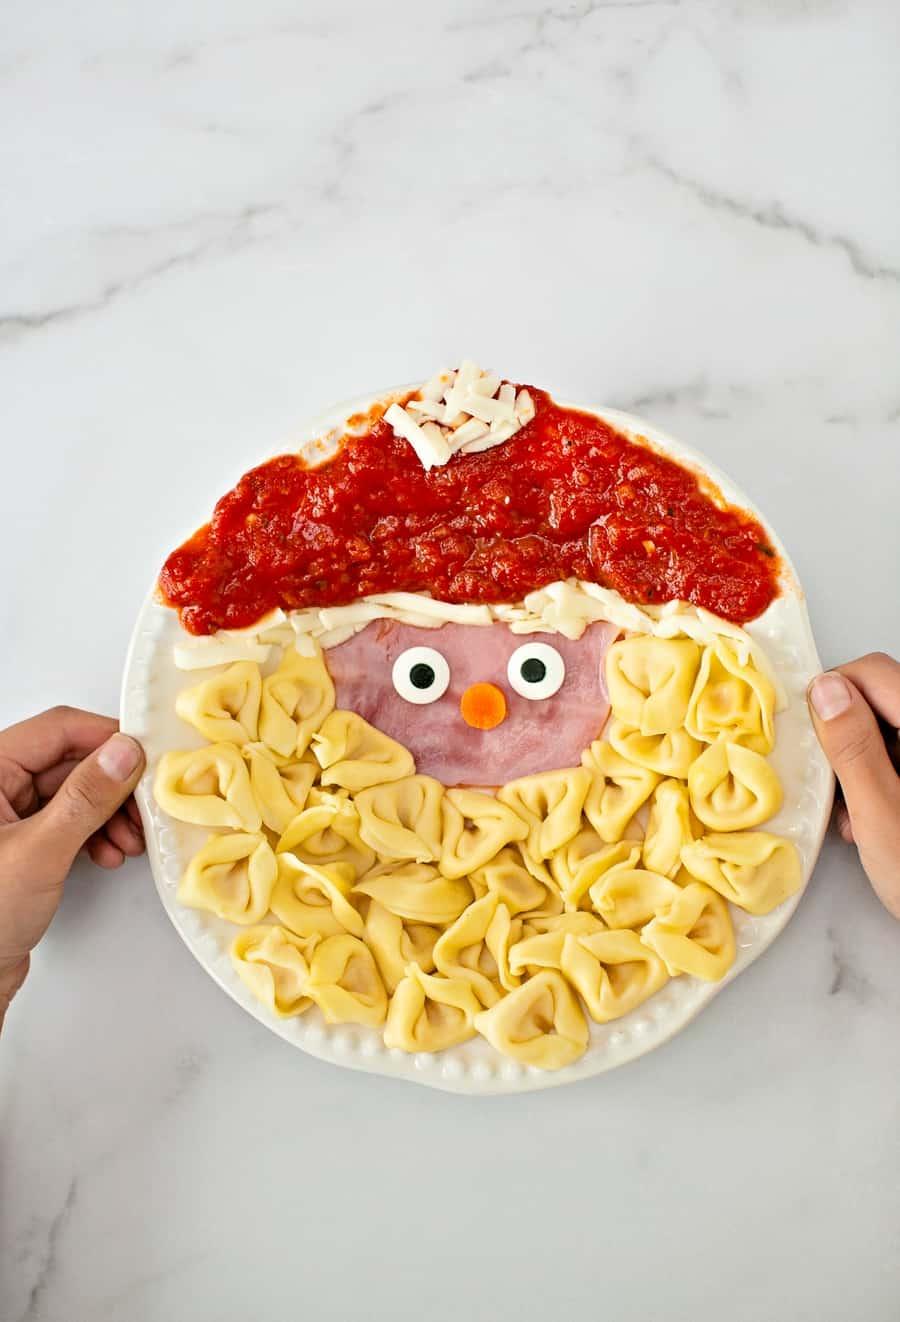 Santa Pasta Christmas Dinner idea for kids